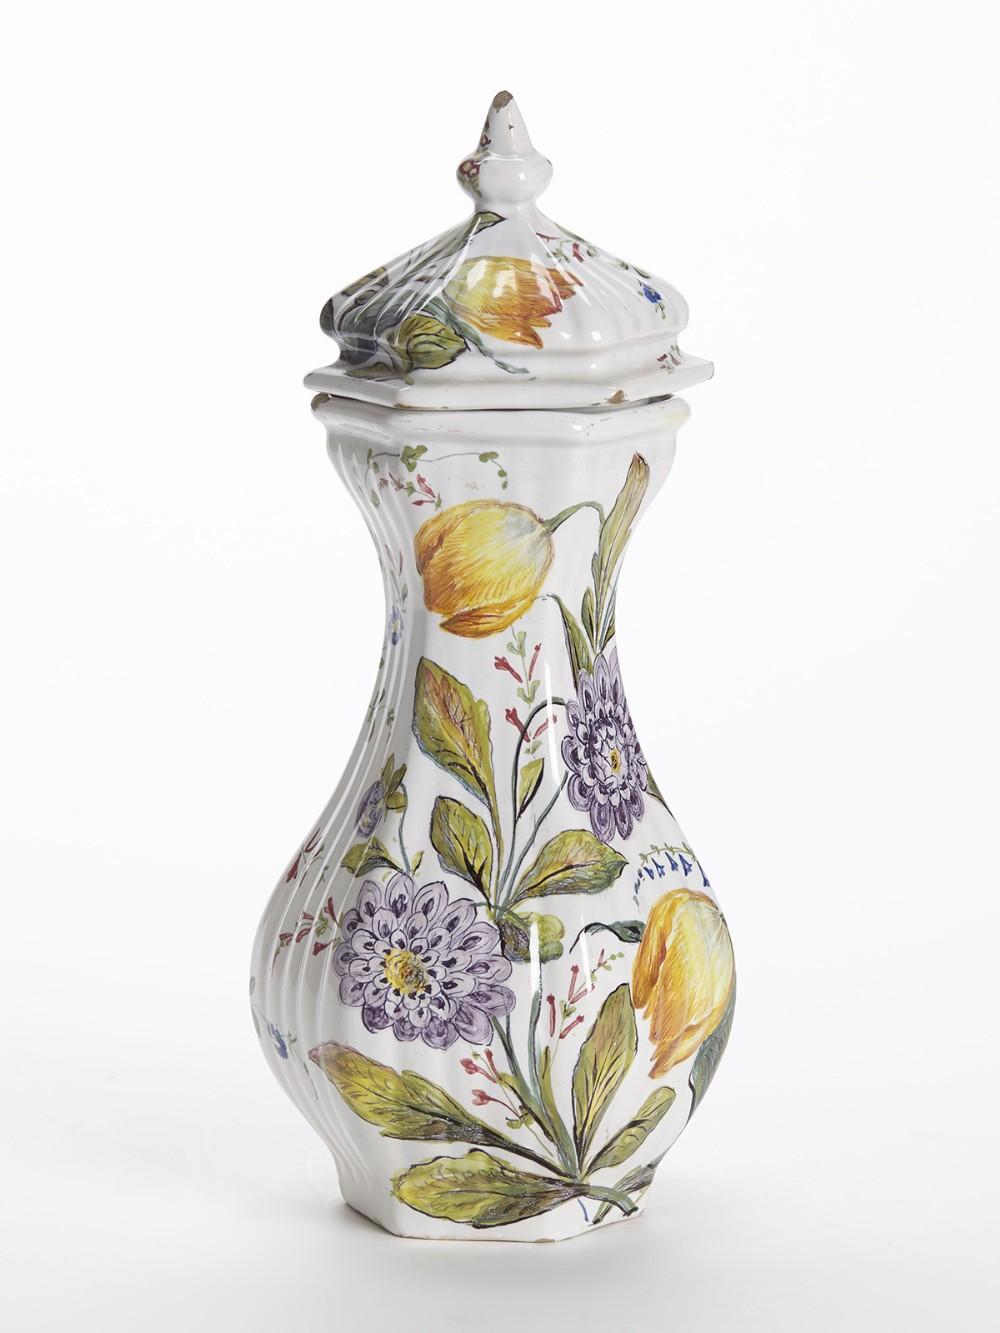 antique le nove floral painted faience lidded jar 19th c